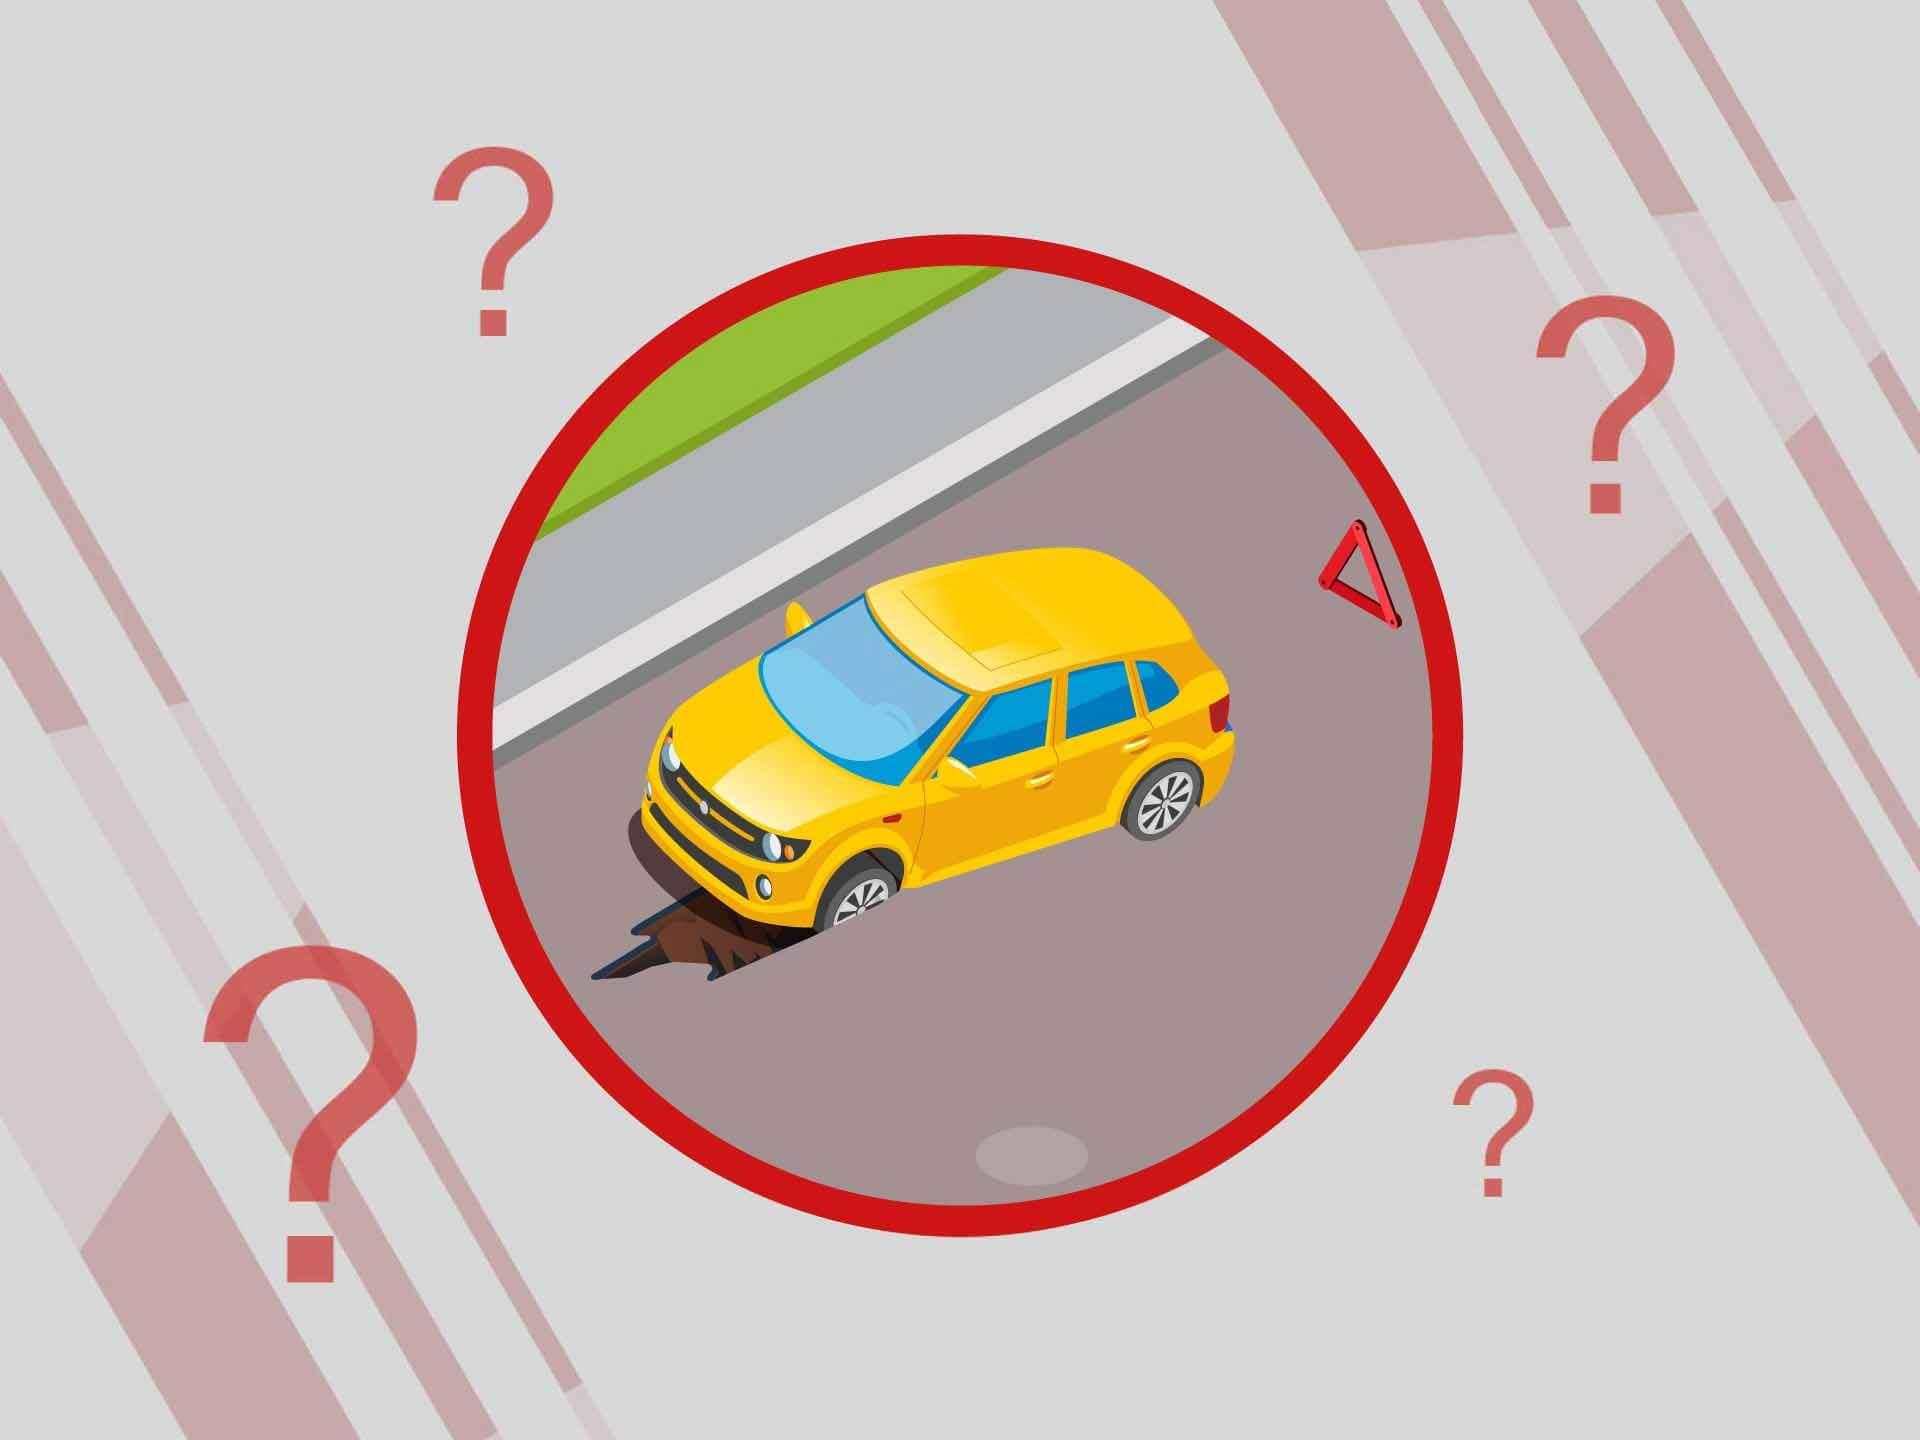 Что делать, если машина попала в люк или глубокую яму